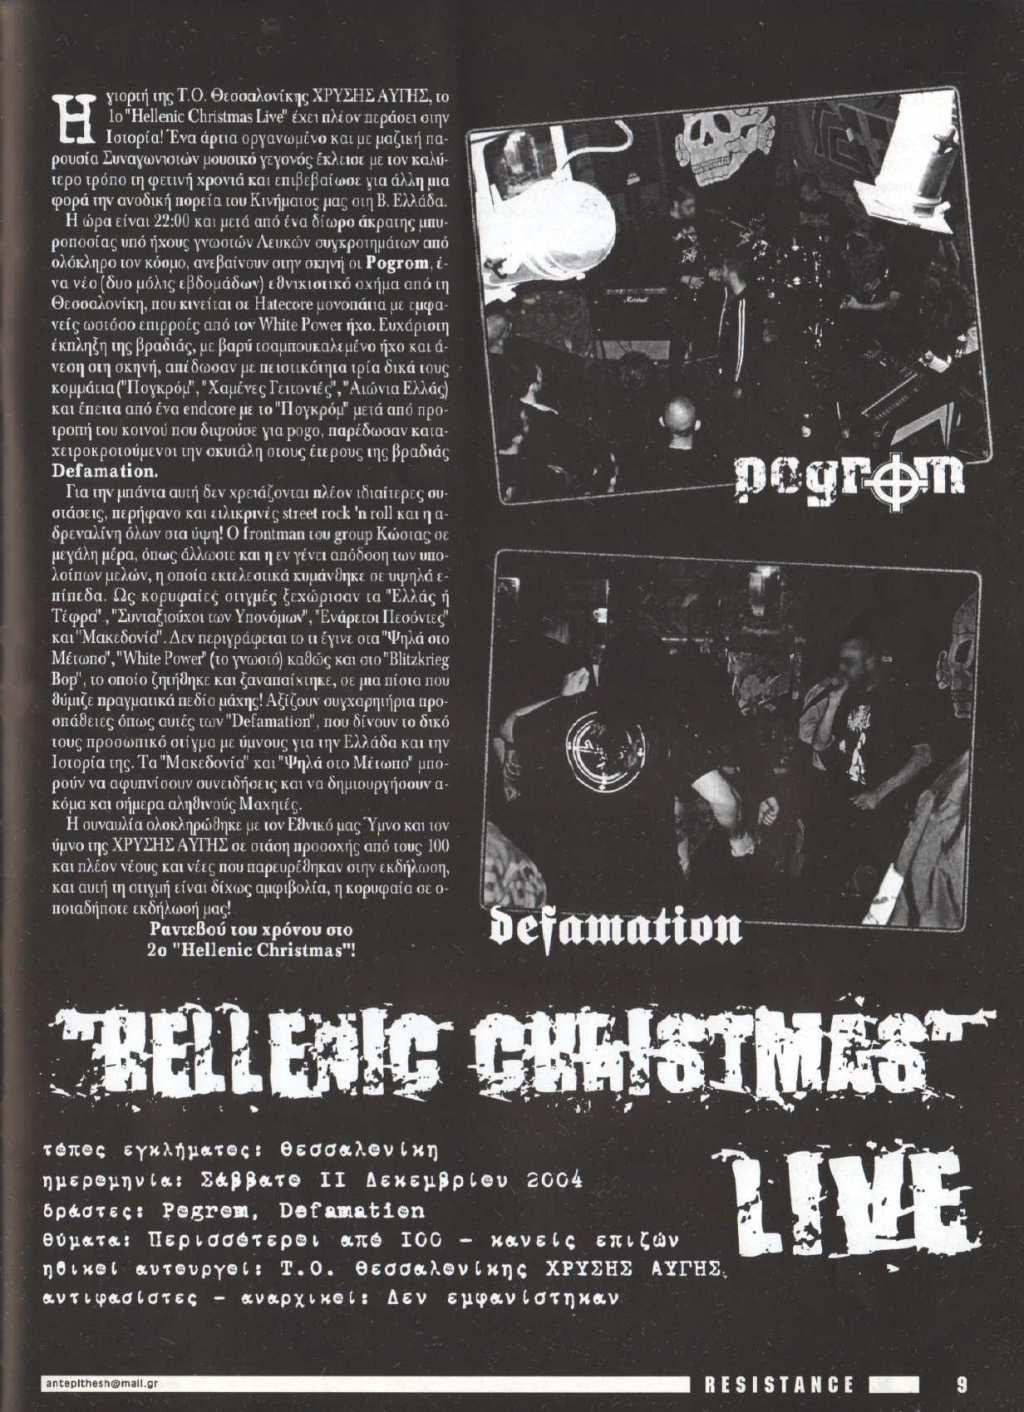 Θεσσαλονίκη White Christmas Live 2004, με Pogrom και Defamation